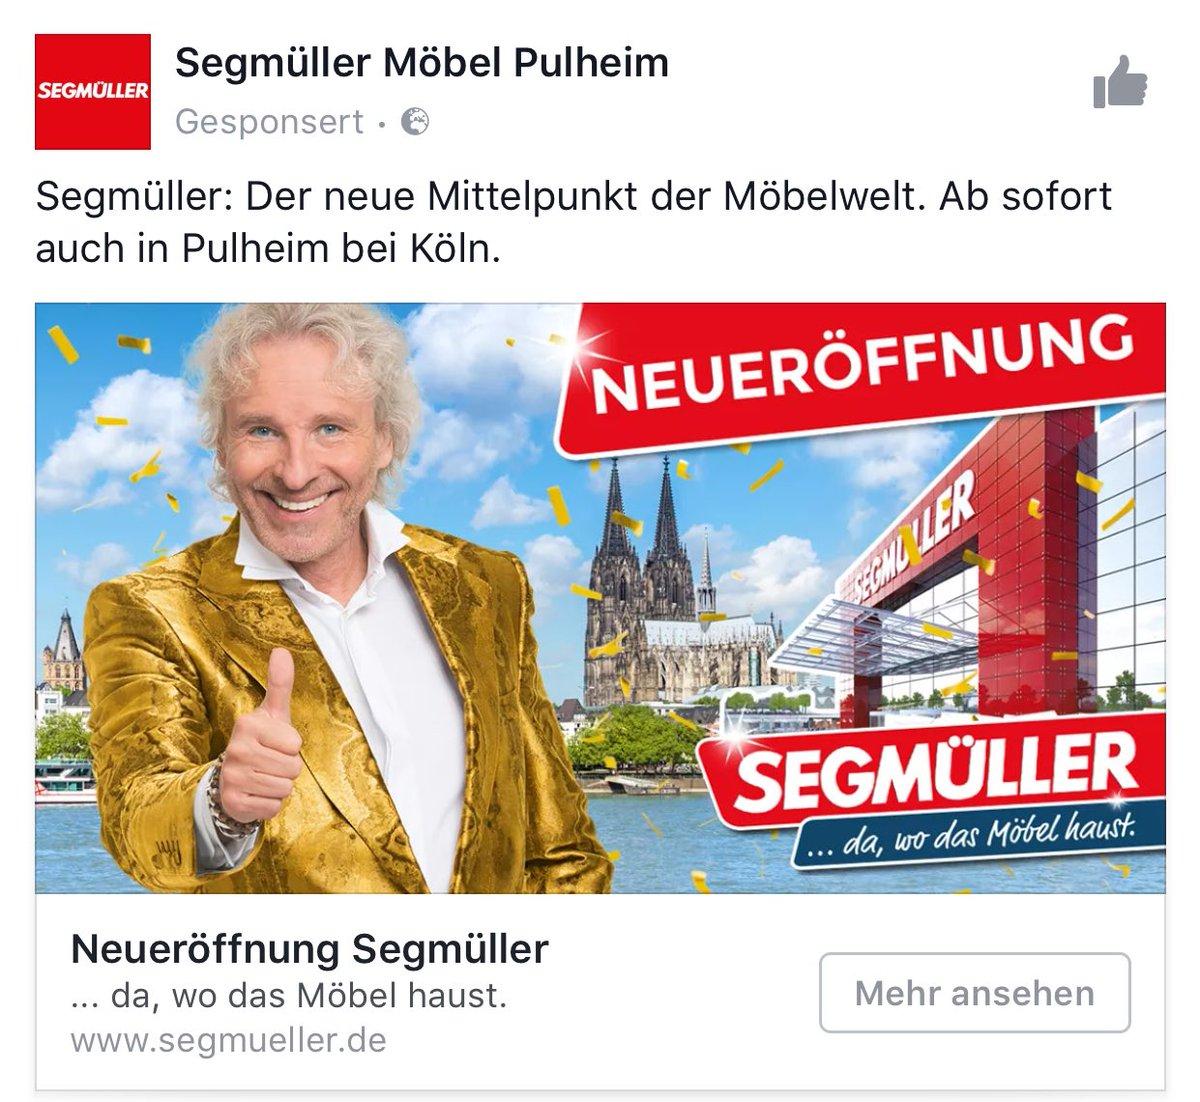 Gavin Karlmeier On Twitter Dass Gottschalk Werbung Für Ein